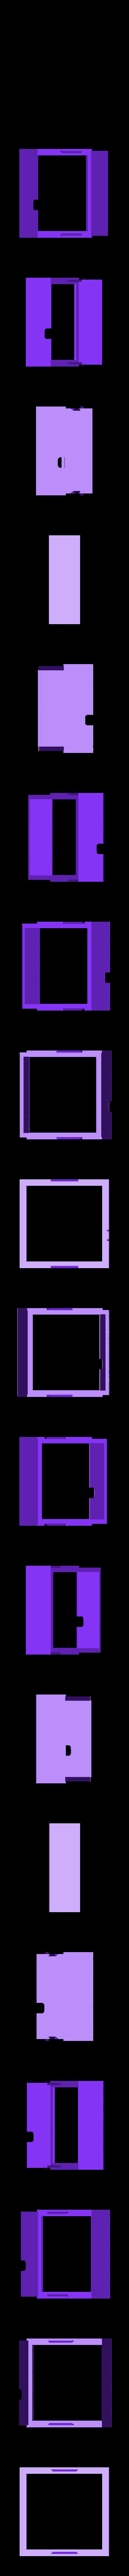 lego-3xAA-case.stl Télécharger fichier STL gratuit Étui à piles compatible LEGO • Design pour imprimante 3D, Adafruit